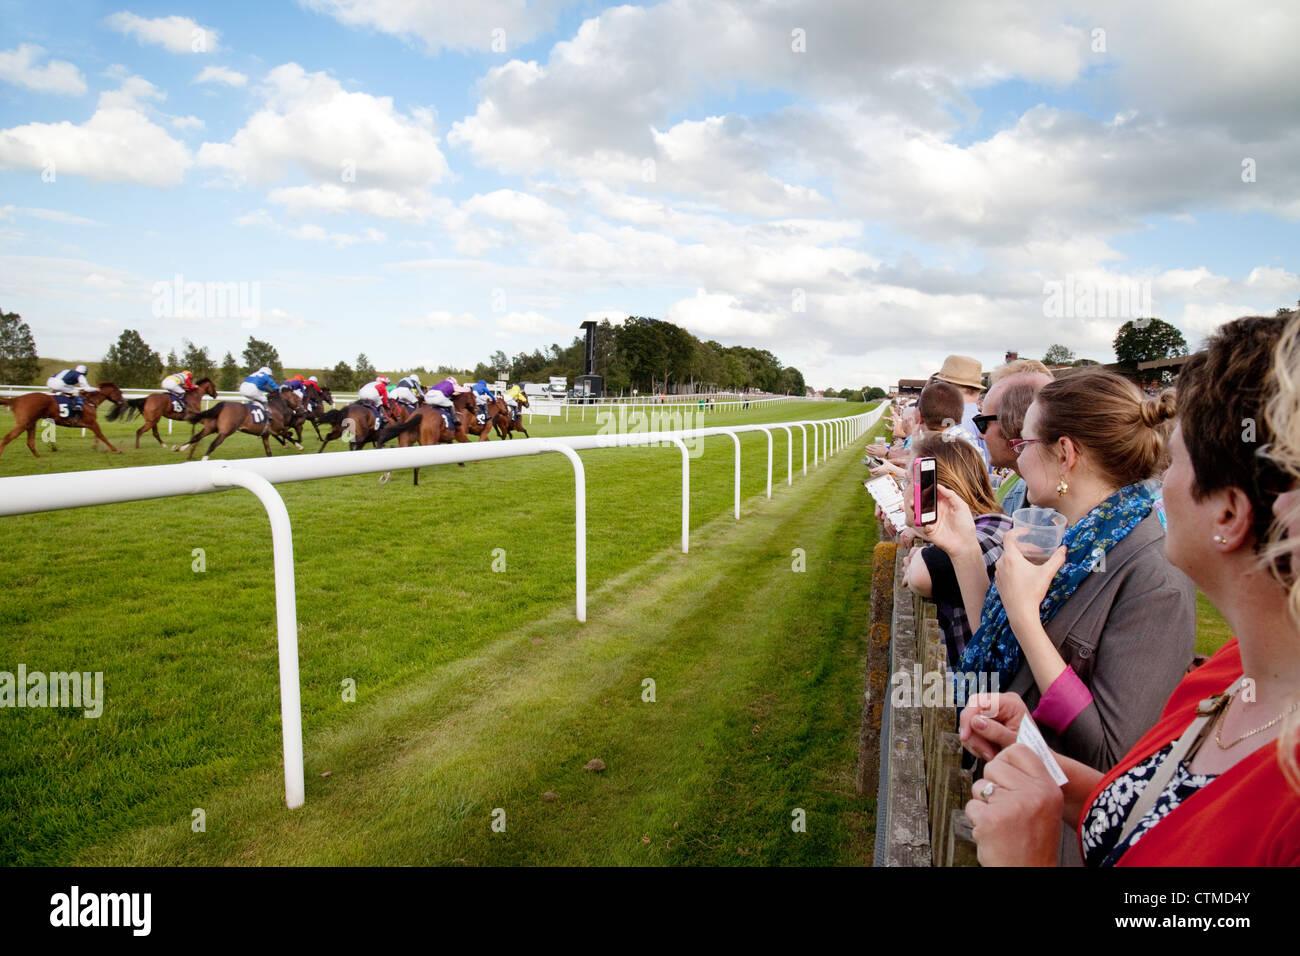 La gente a guardare le corse dei cavalli, Newmarket luglio racecourse, Newmarket Suffolk REGNO UNITO Immagini Stock